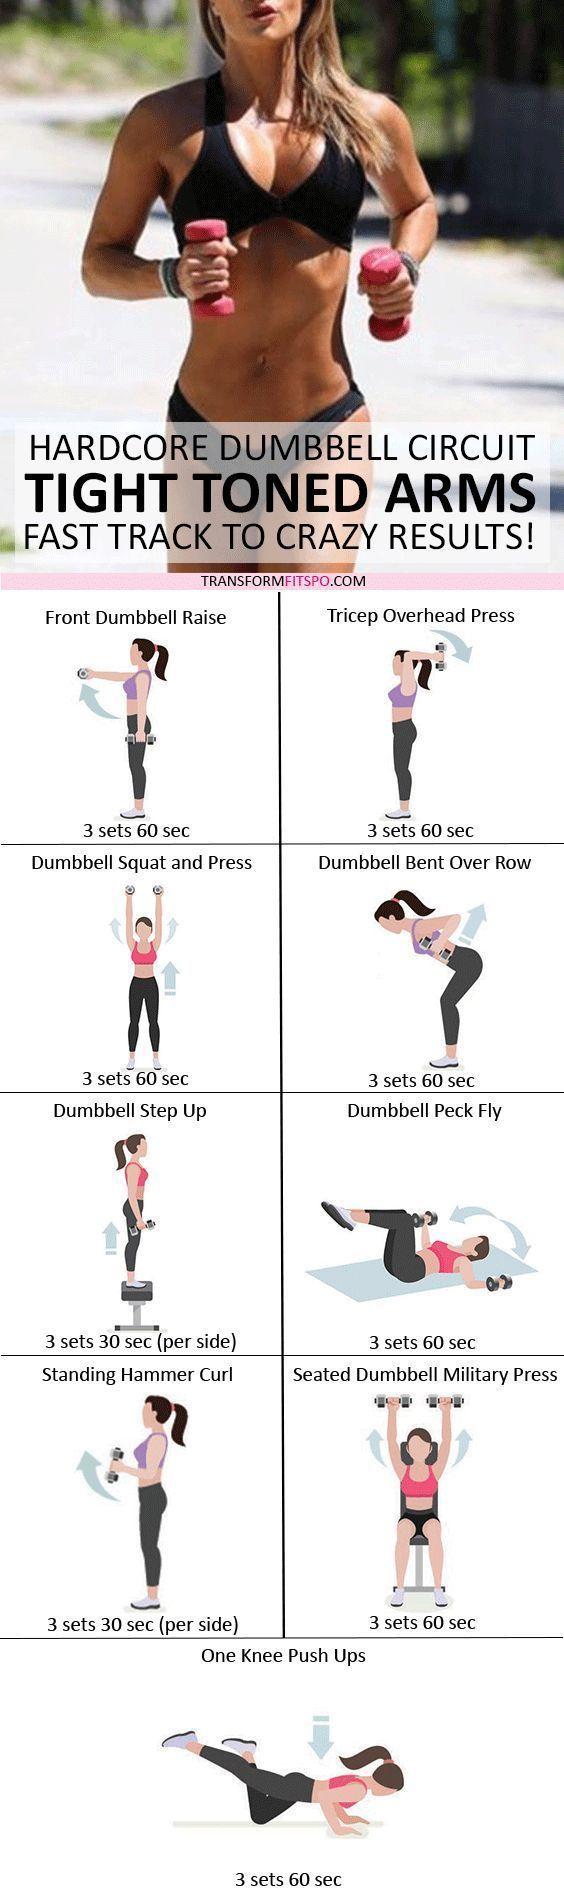 💪🏼 Tonen Sie und ziehen Sie Ihre Arme fest! Dumbbell Progressive Circuit für verrückte Ergebnisse